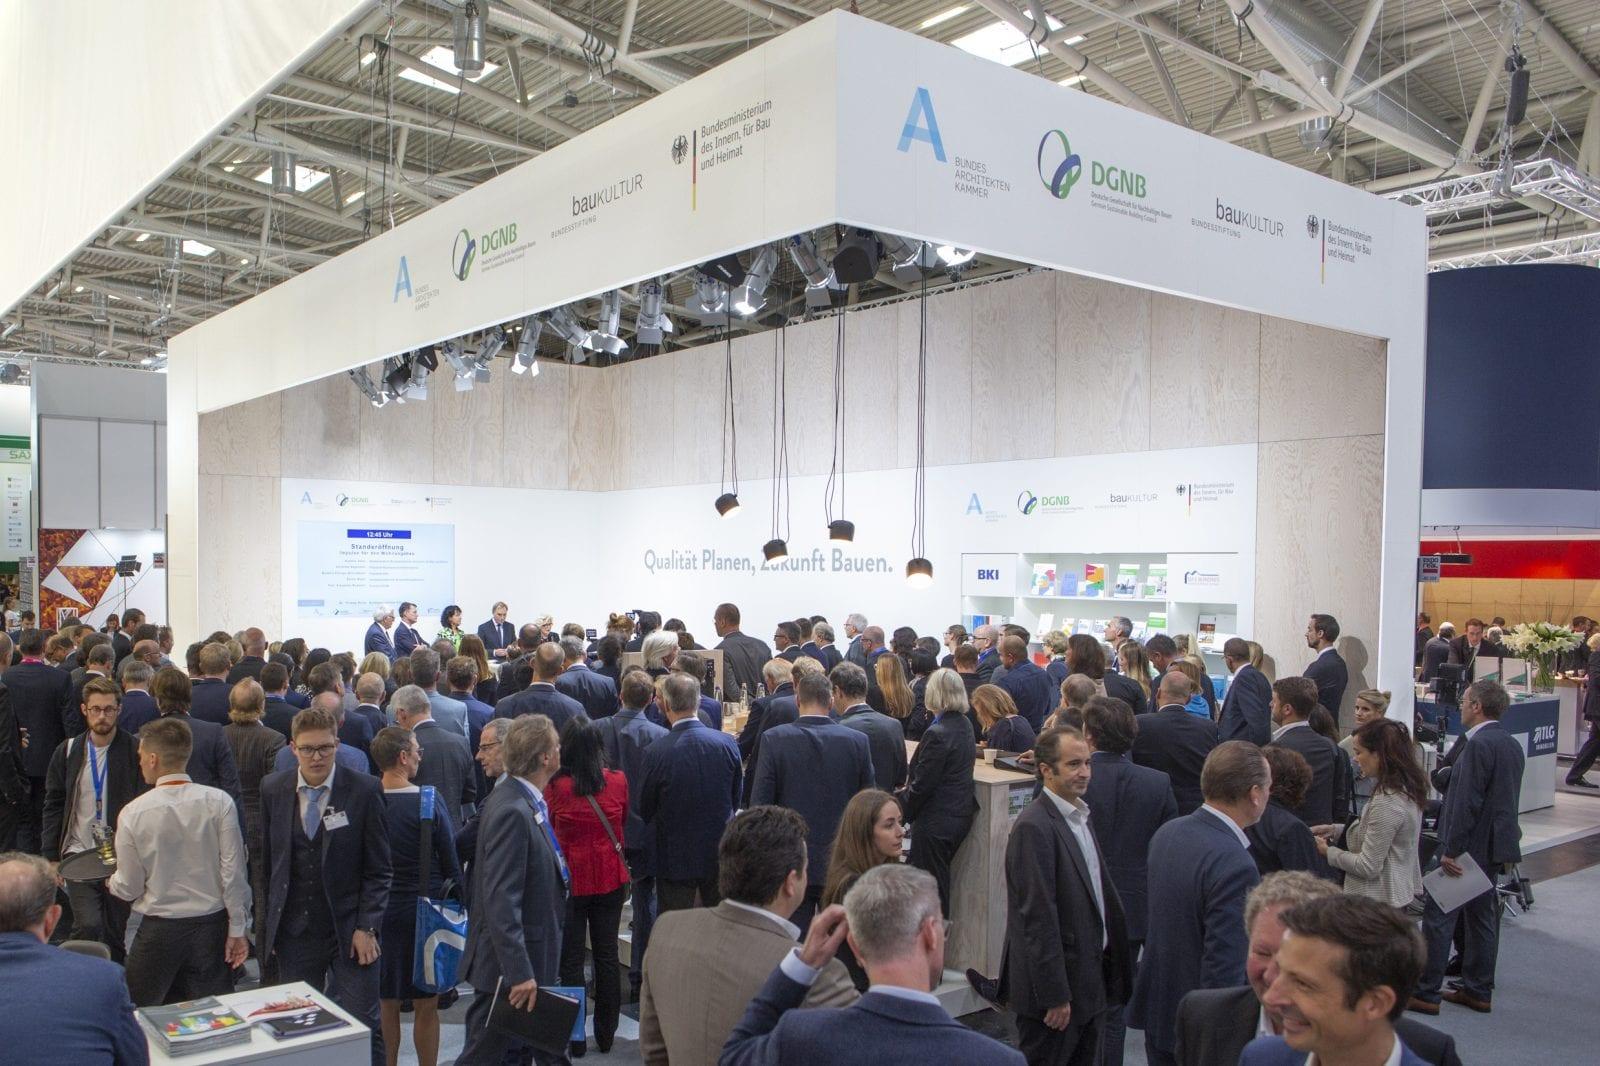 Gemeinschaftsstand der DGNB mit der Bundesarchitektenkammer, der Bundesstiftung Baukultur und dem BMI auf der Expo Real in München (Foto: DGNB)